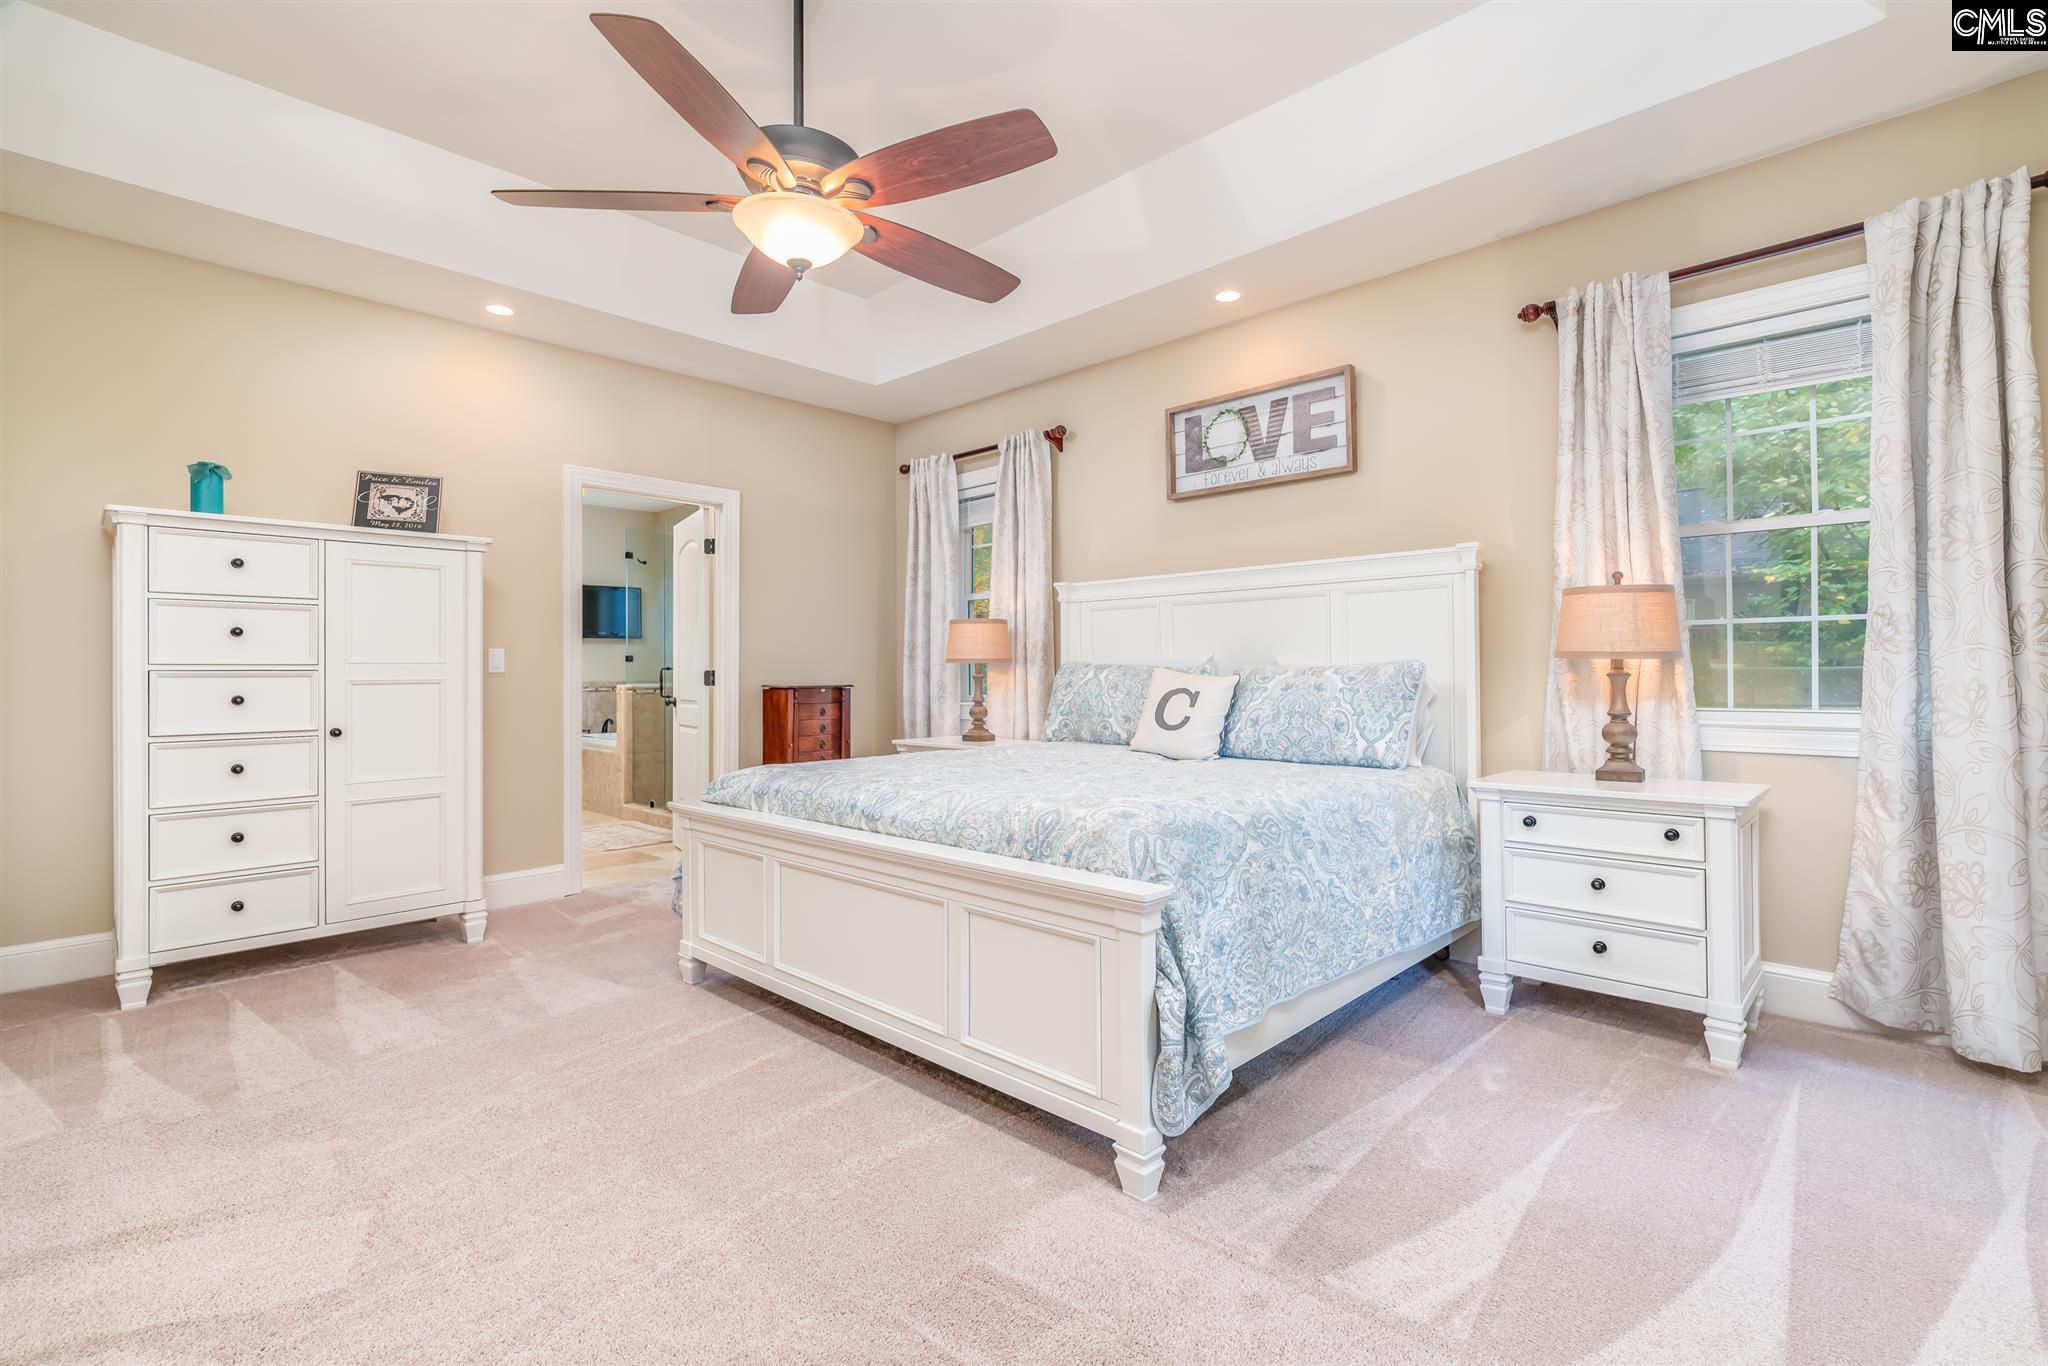 204 Misty Oaks Lexington, SC 29072